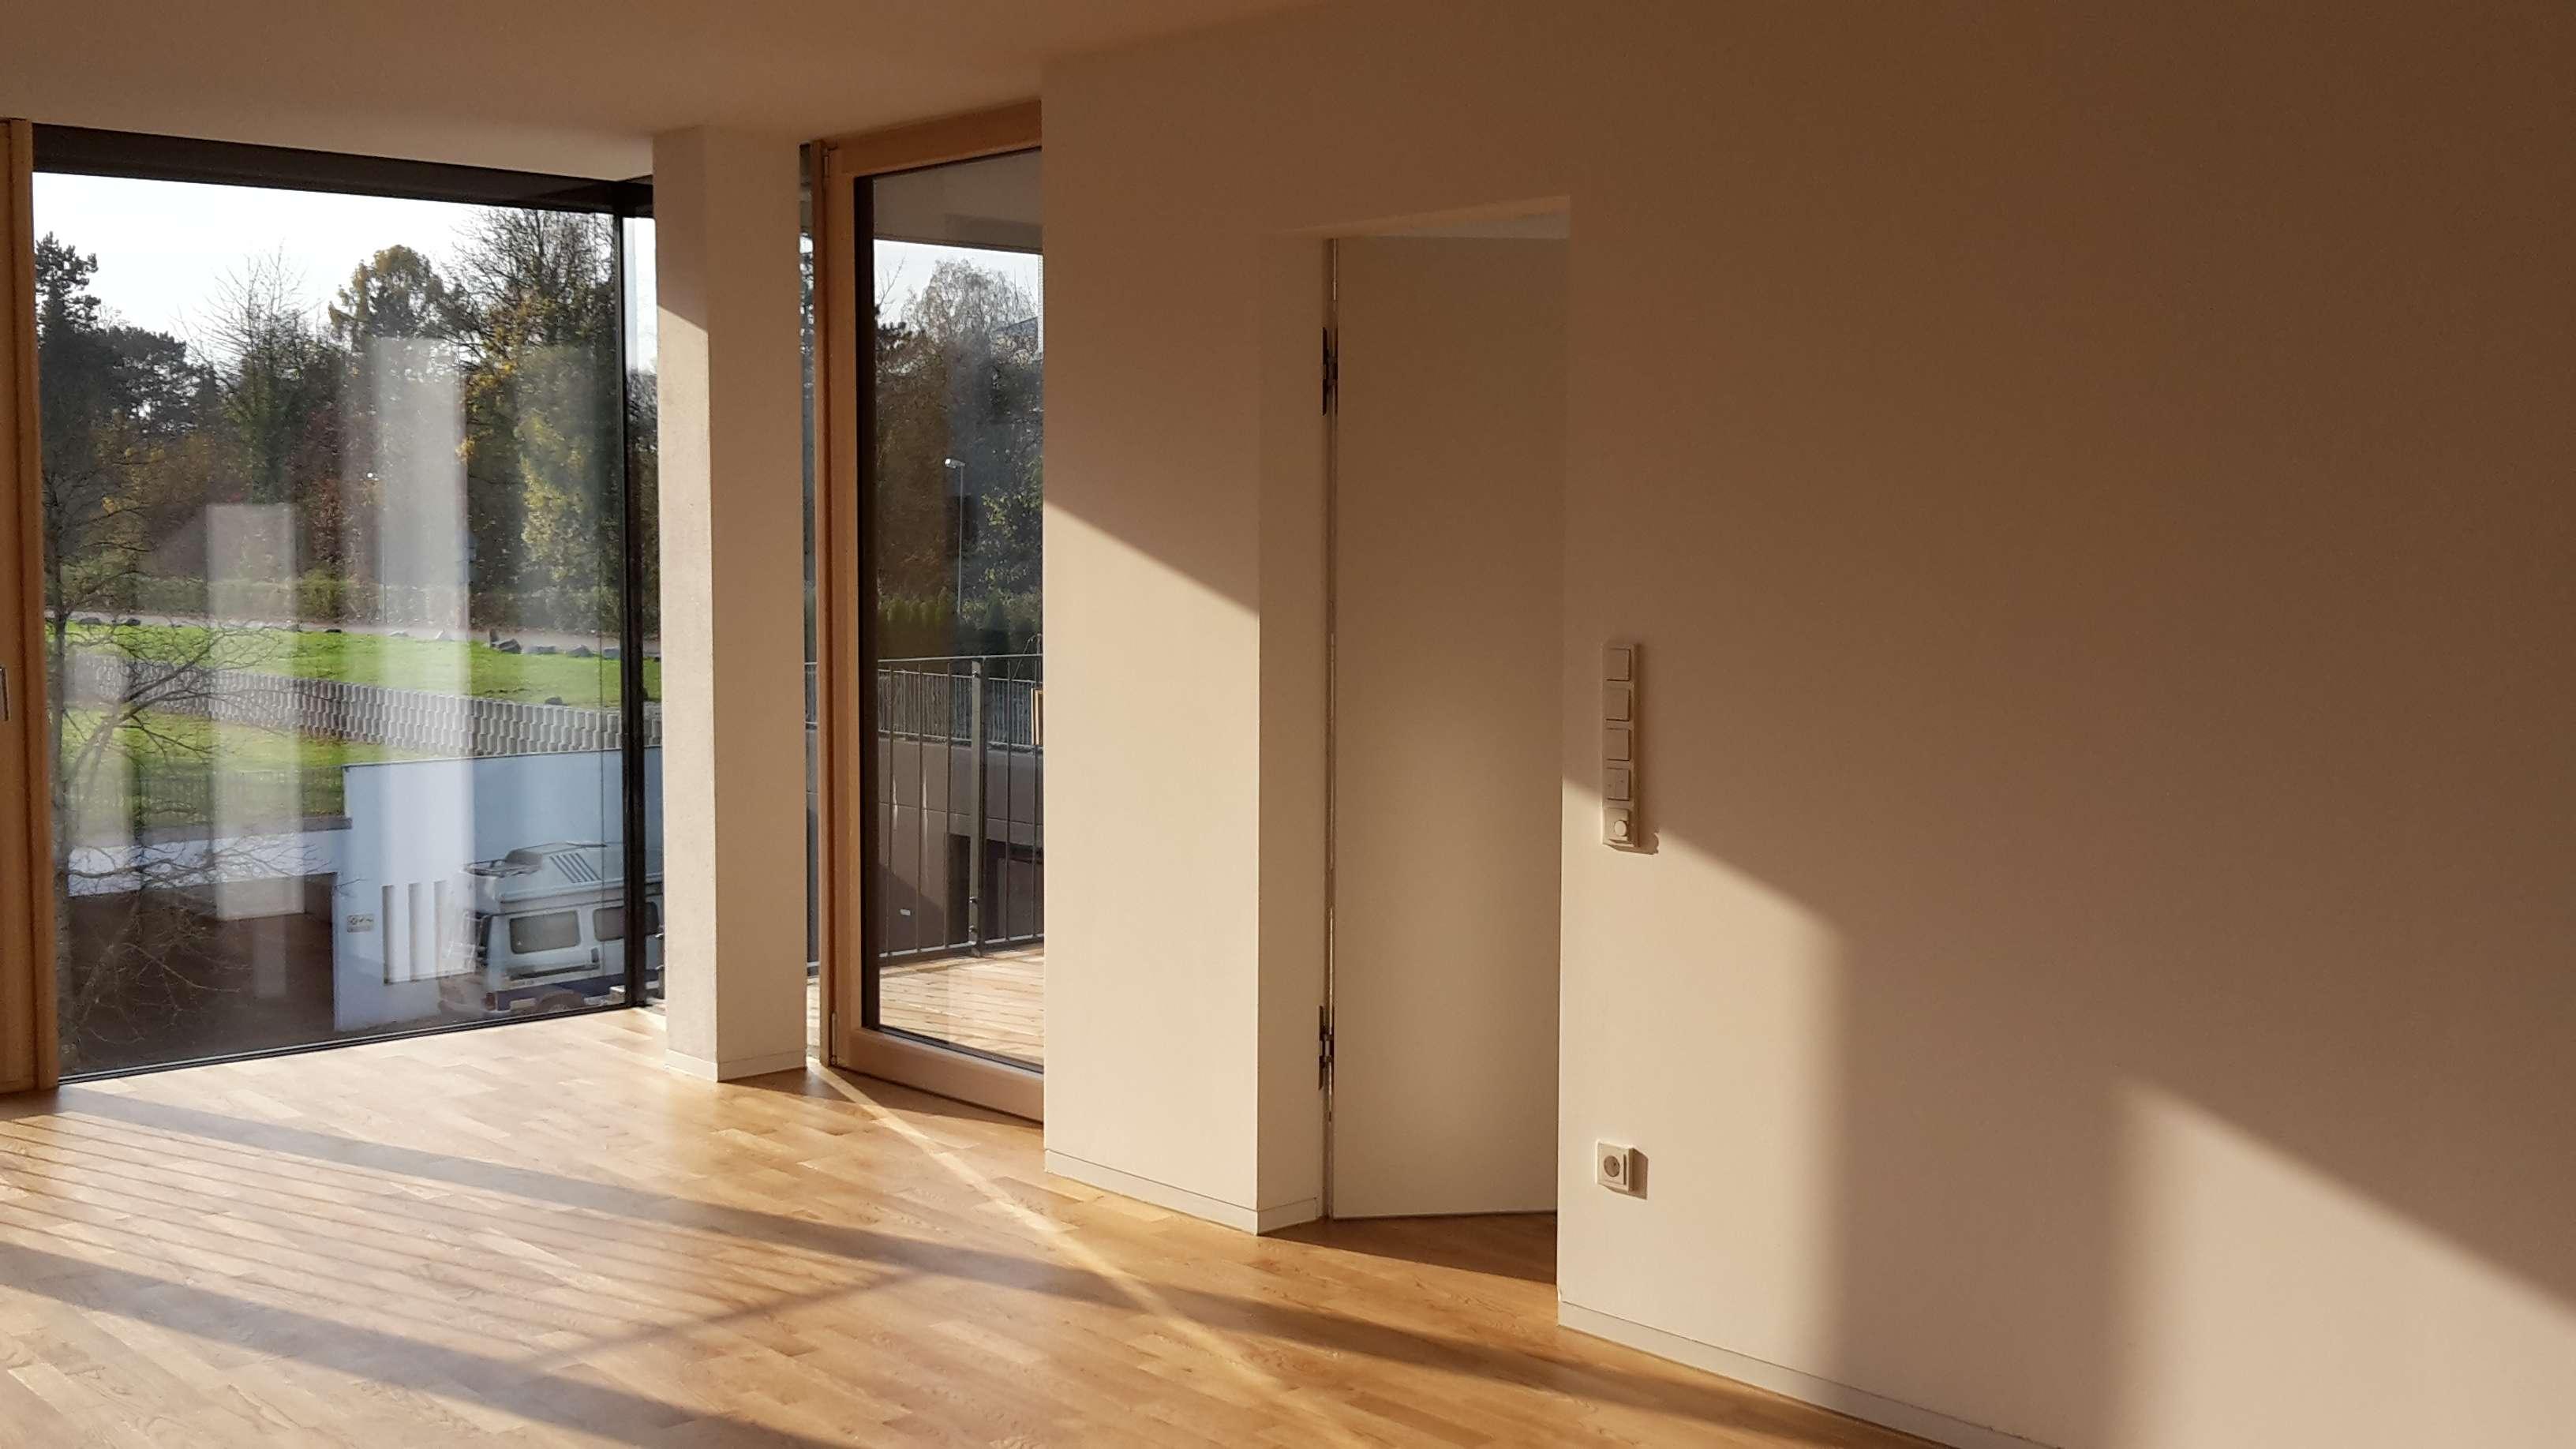 Großzügige Zwei-Zimmer-Wohnung in modernem Mehrfamilienhaus